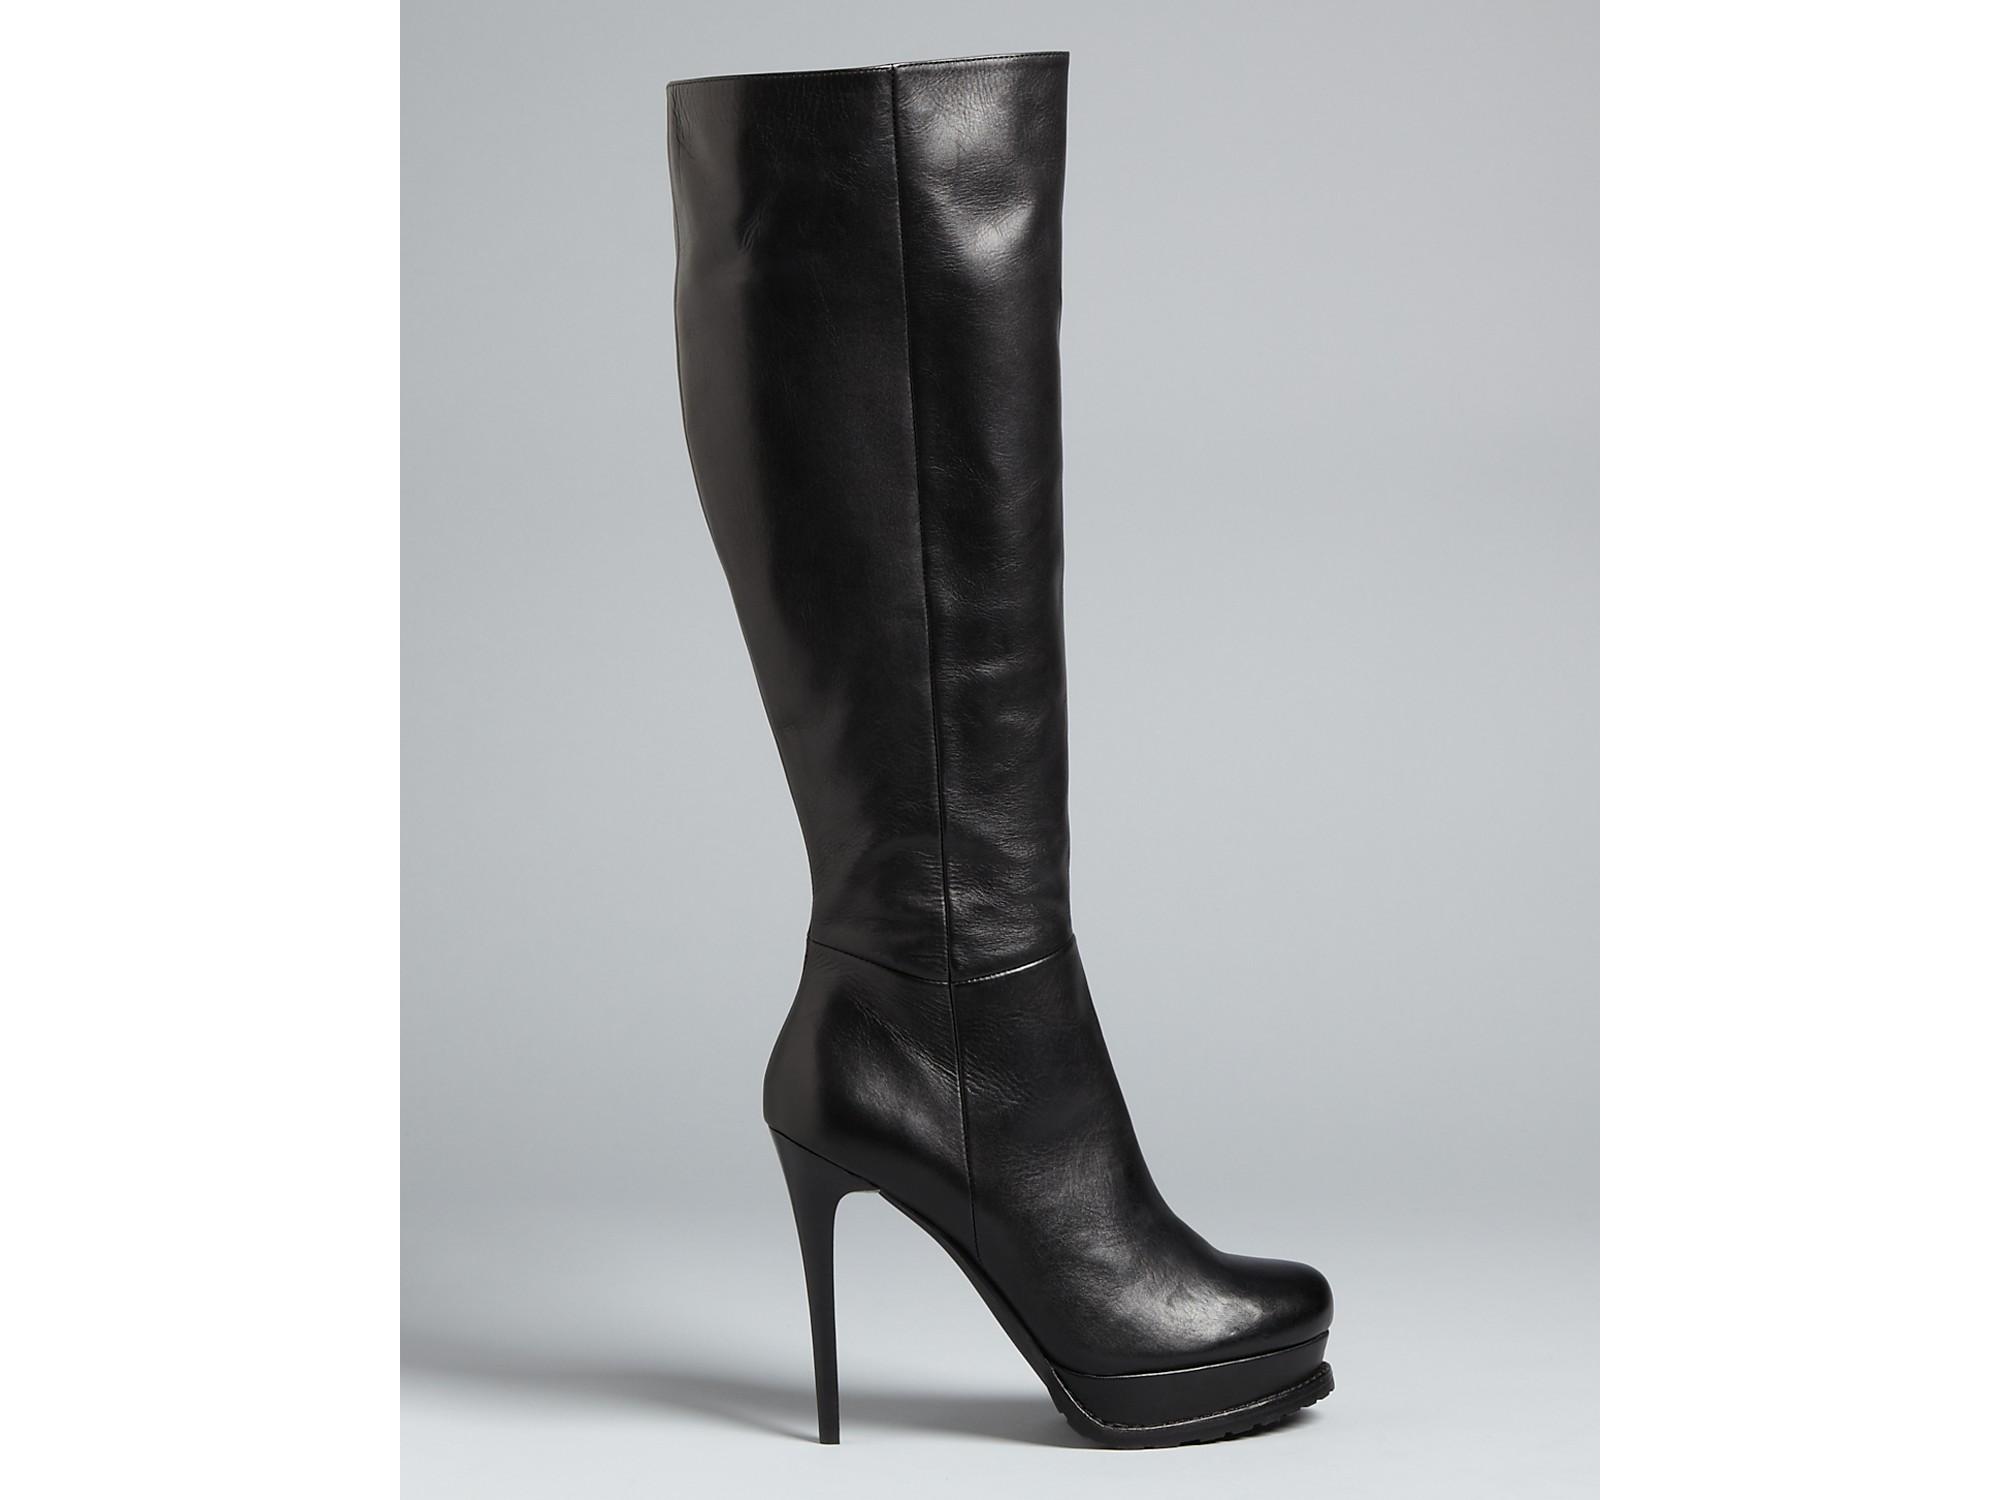 7f65b34f354 Lyst - DKNY Tall Platform Boots Tazon High Heel in Black